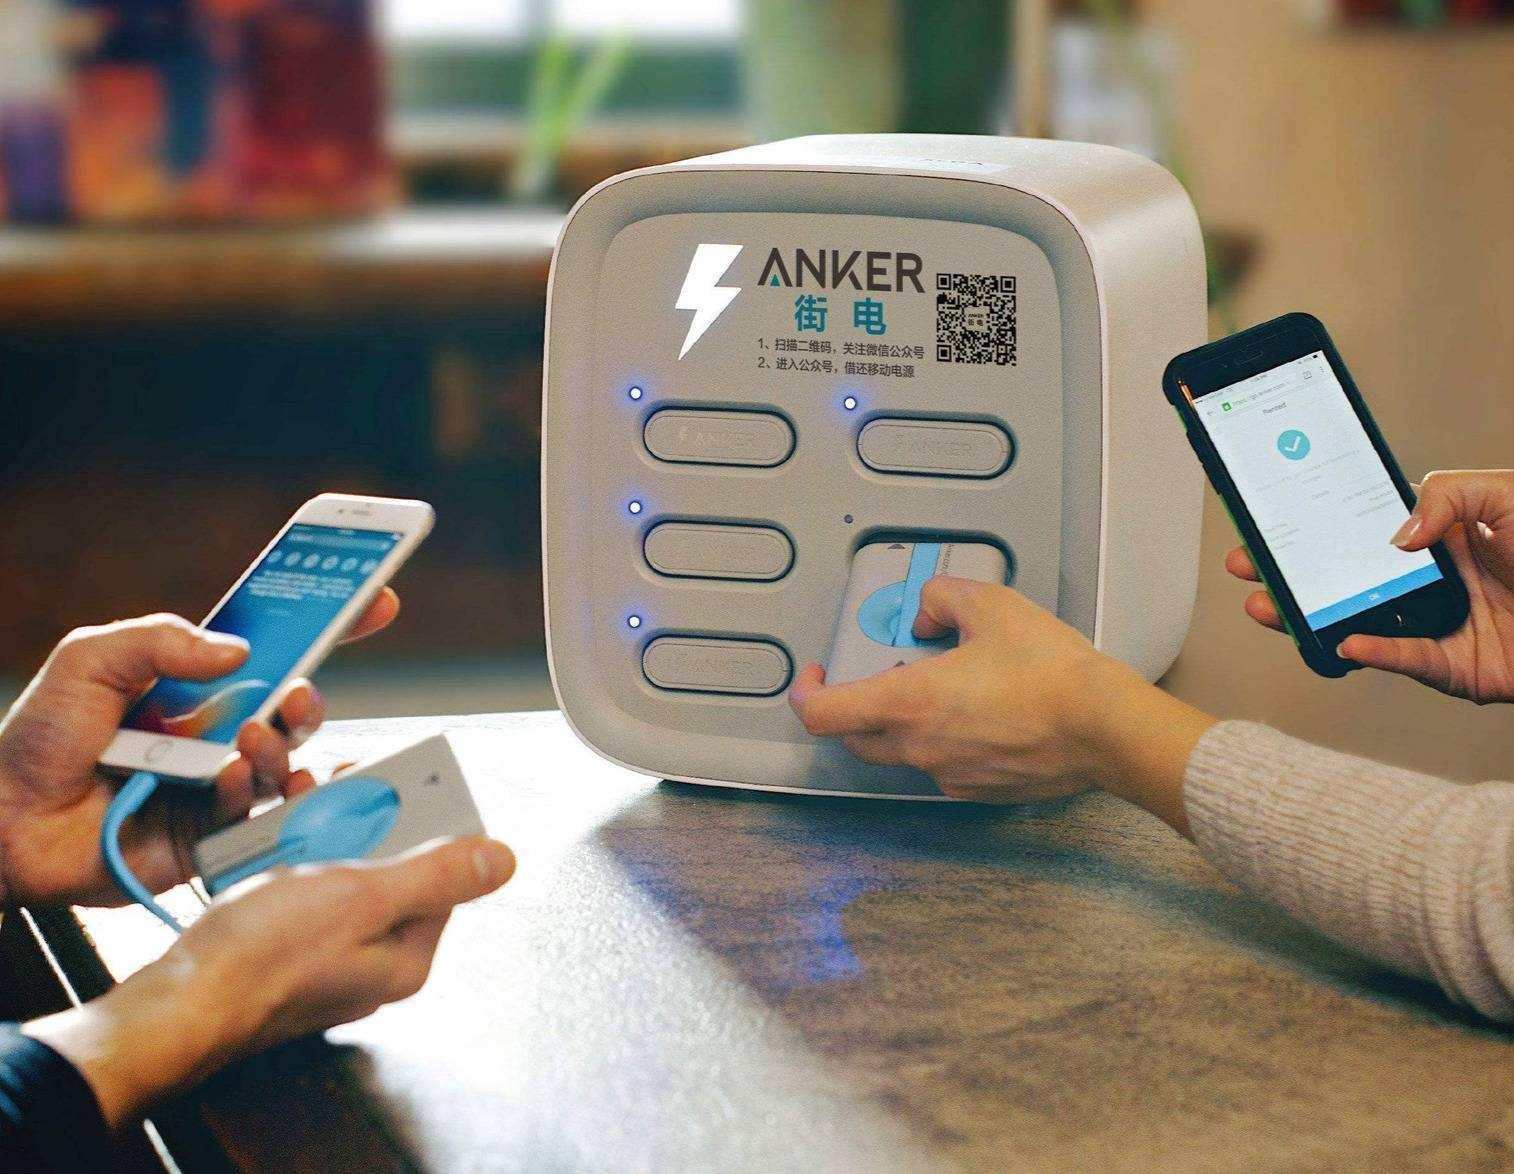 共享充电宝涨价背后:网点布局焦虑